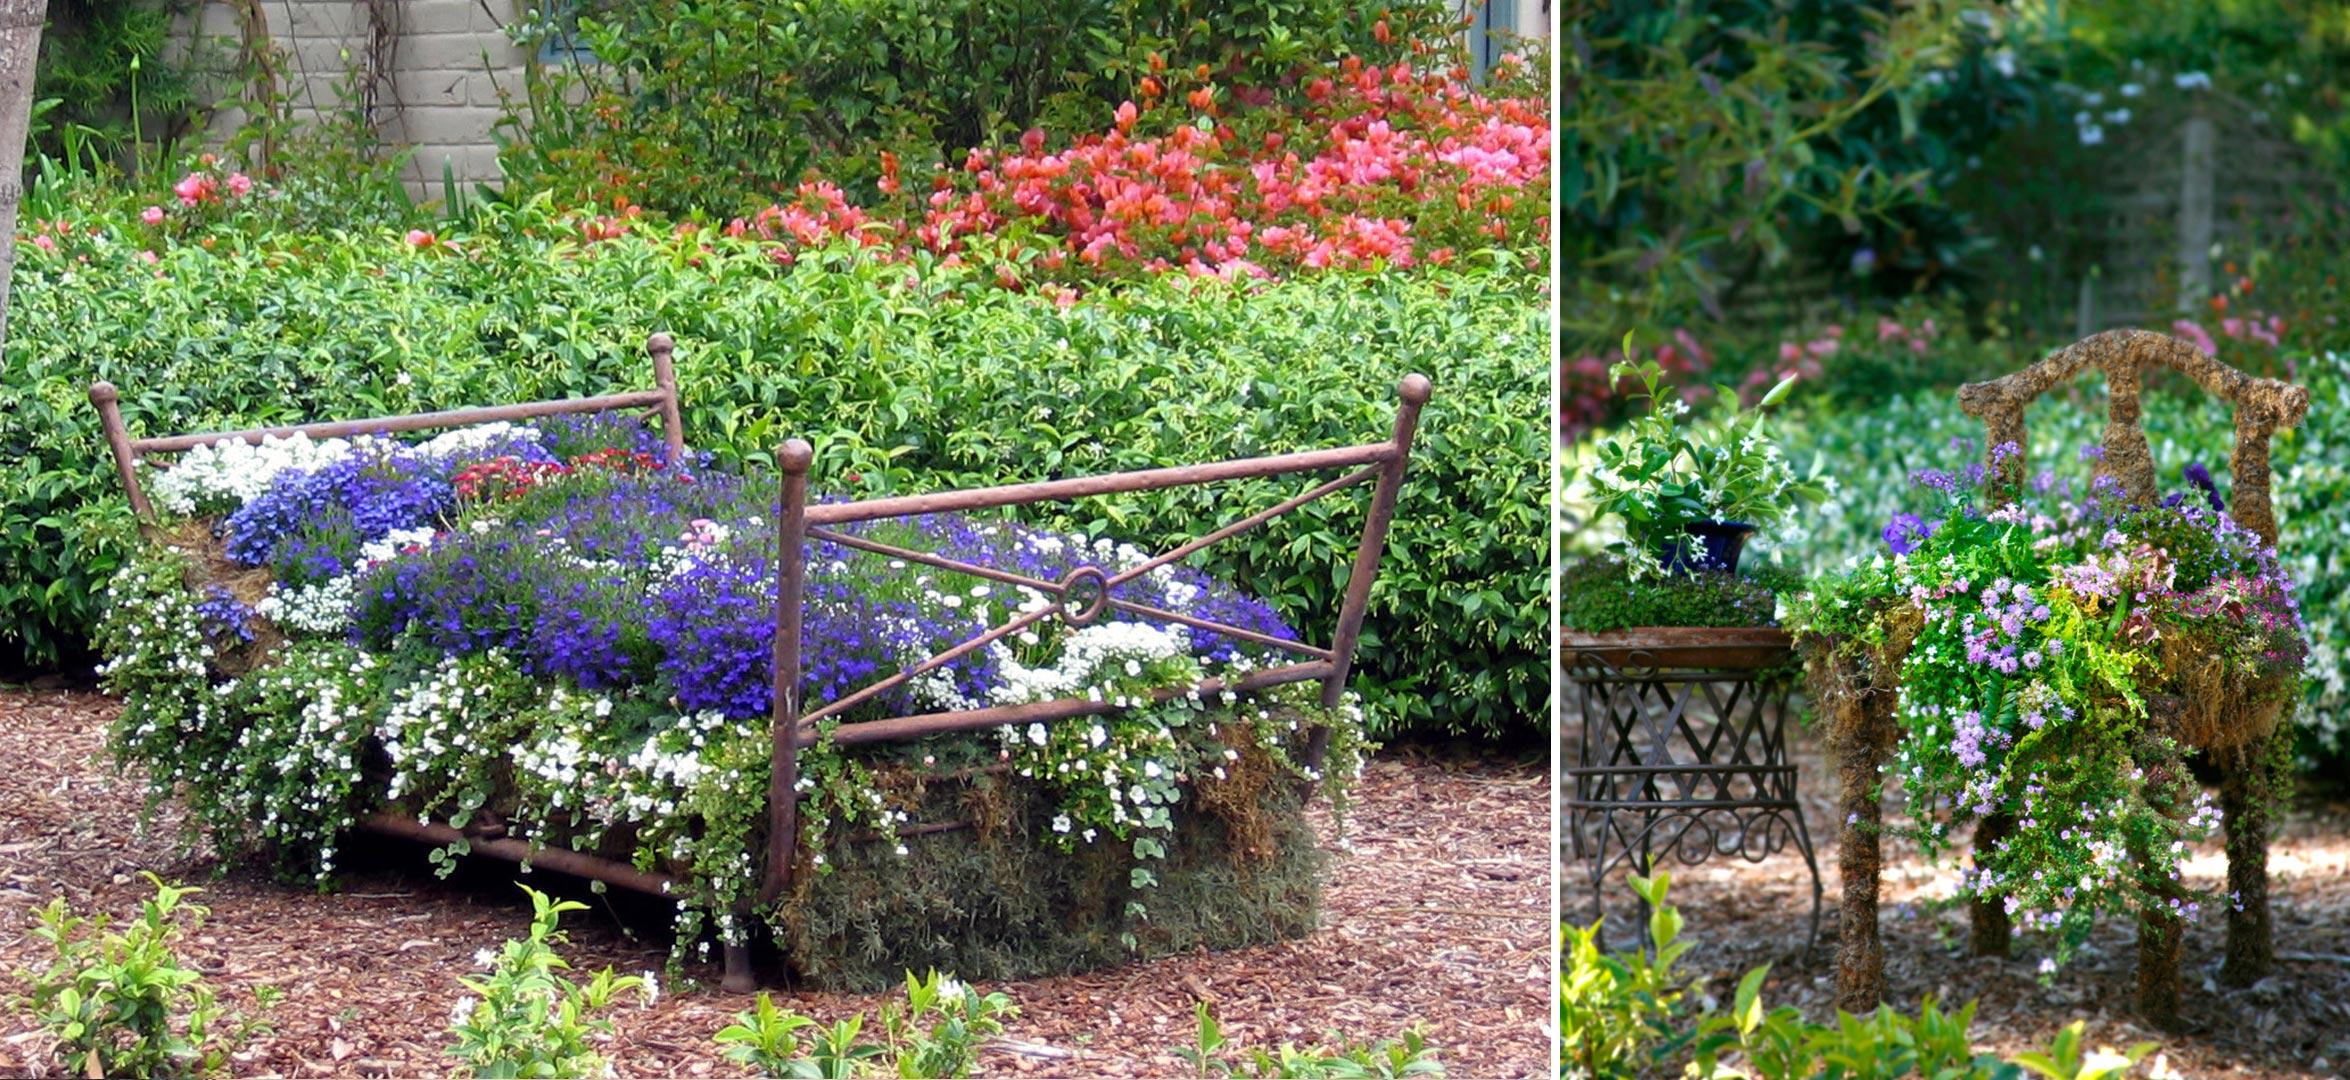 6-flowers-bed-chair.jpg